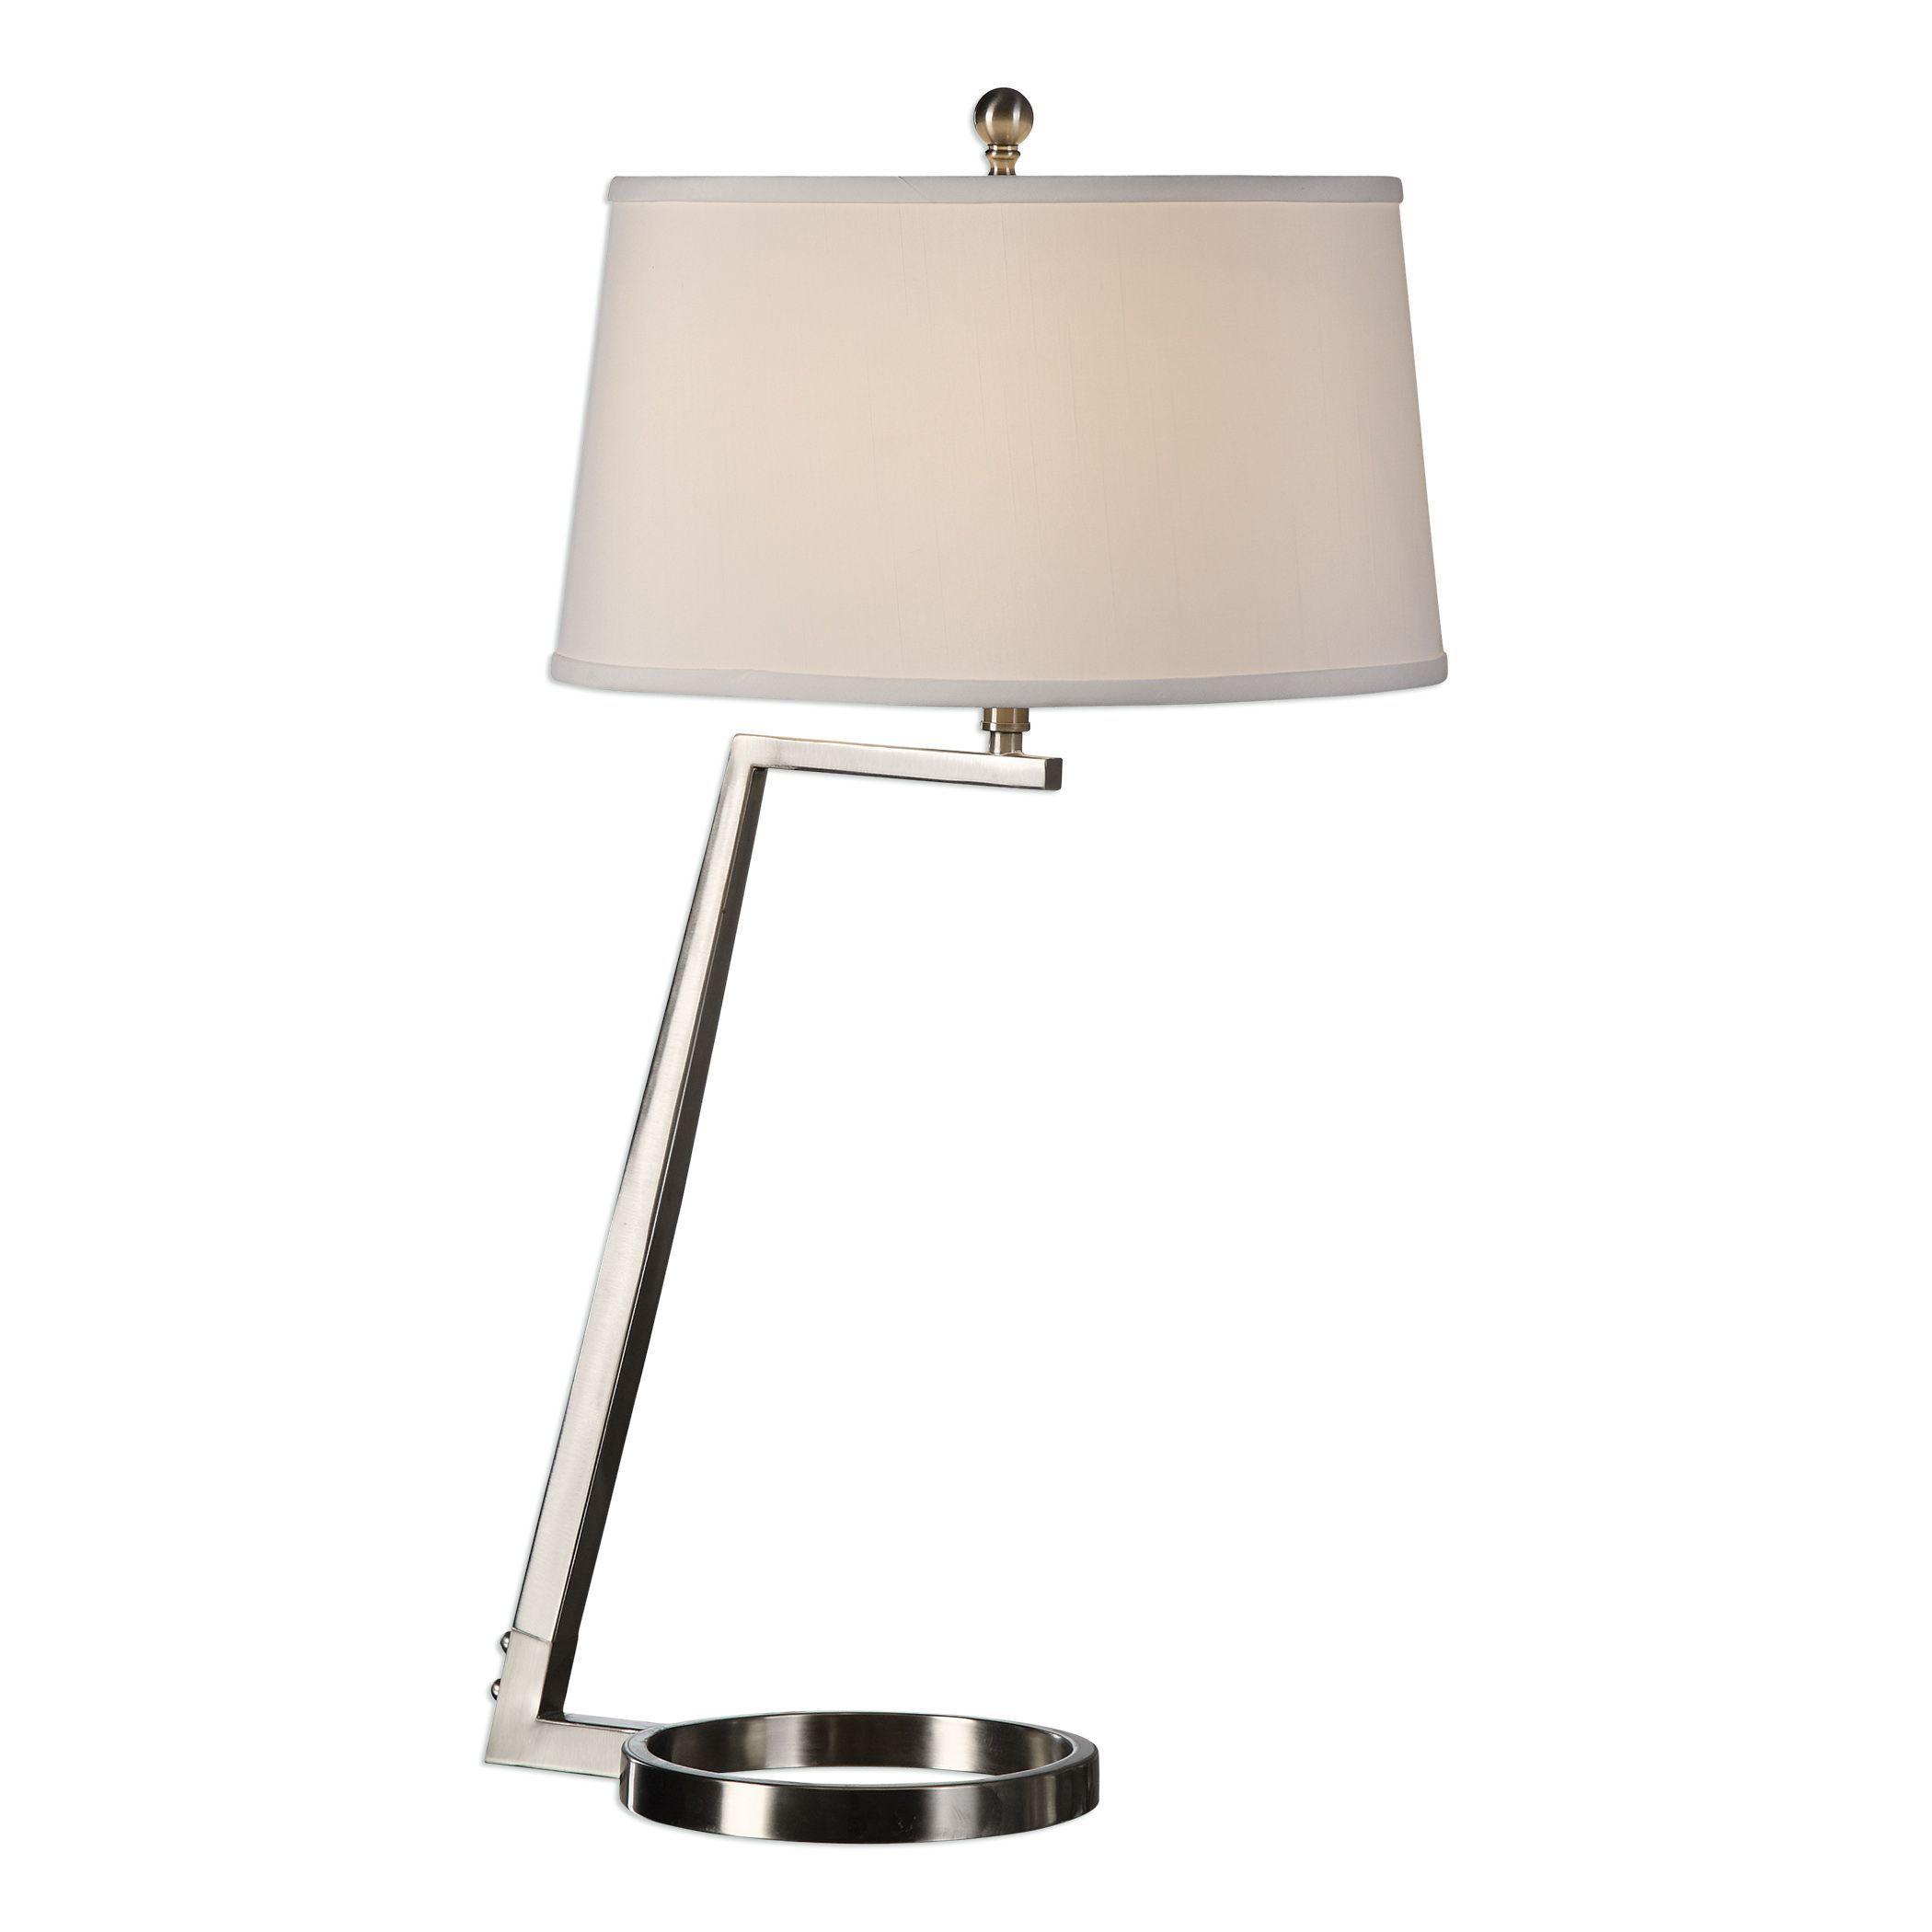 Ordino Brushed Nickel Lamp Table lamp, Desk lamp, Buffet